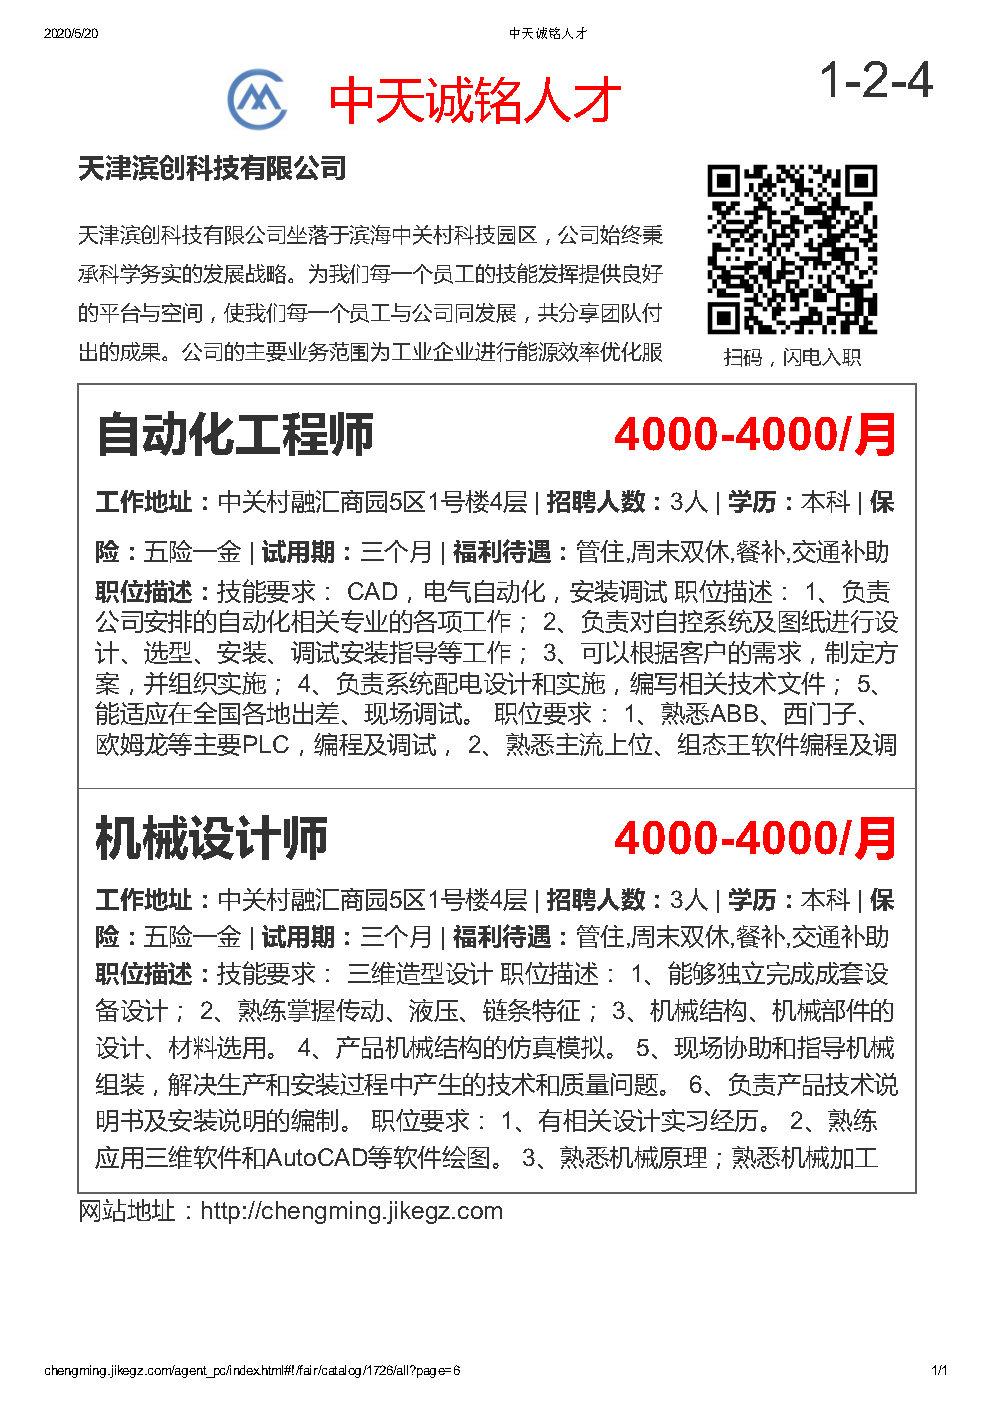 天津滨创科技有限公司.jpg